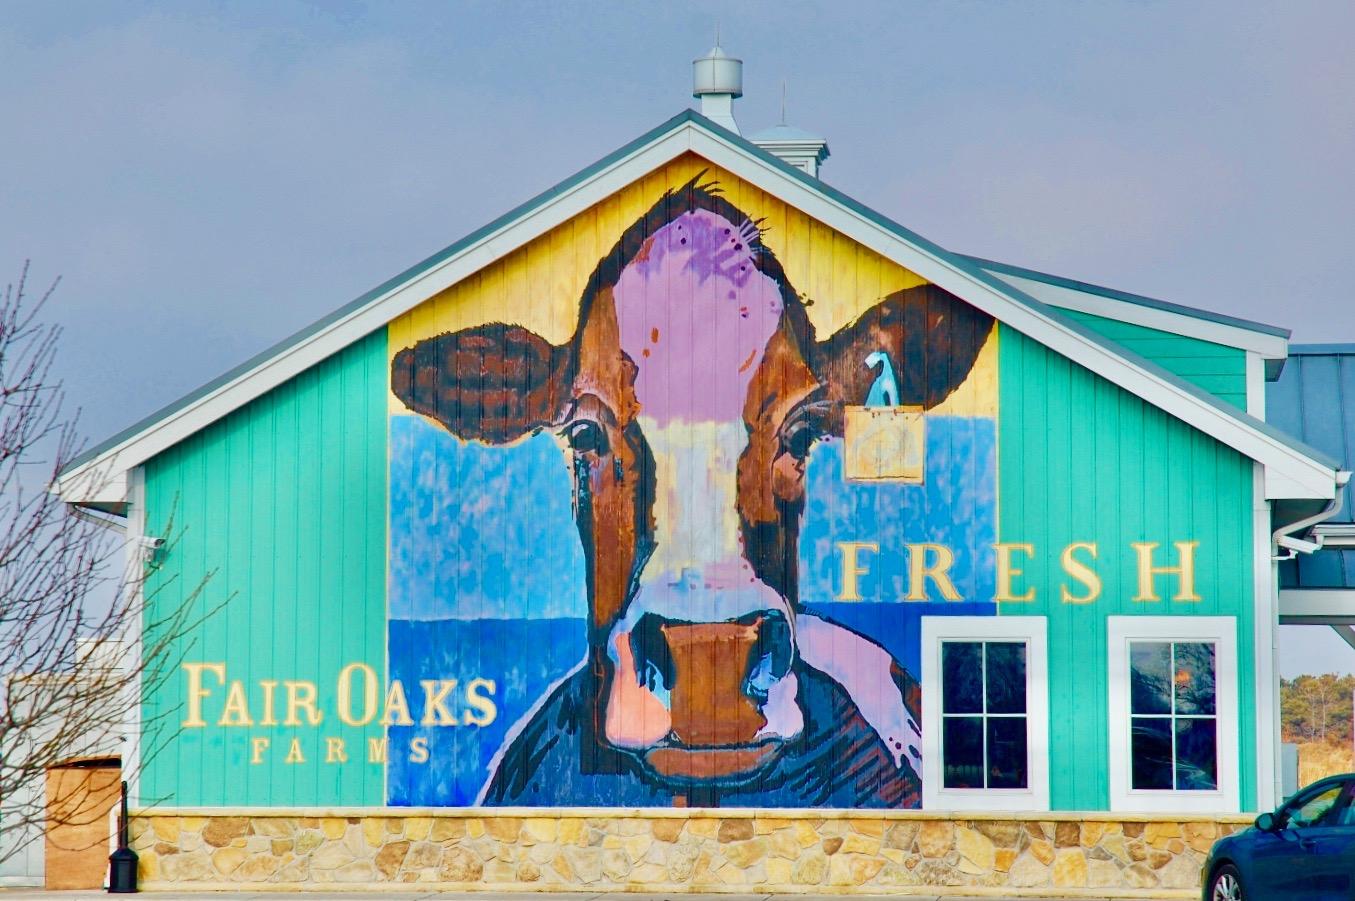 fair-oaks-sign 2.jpg